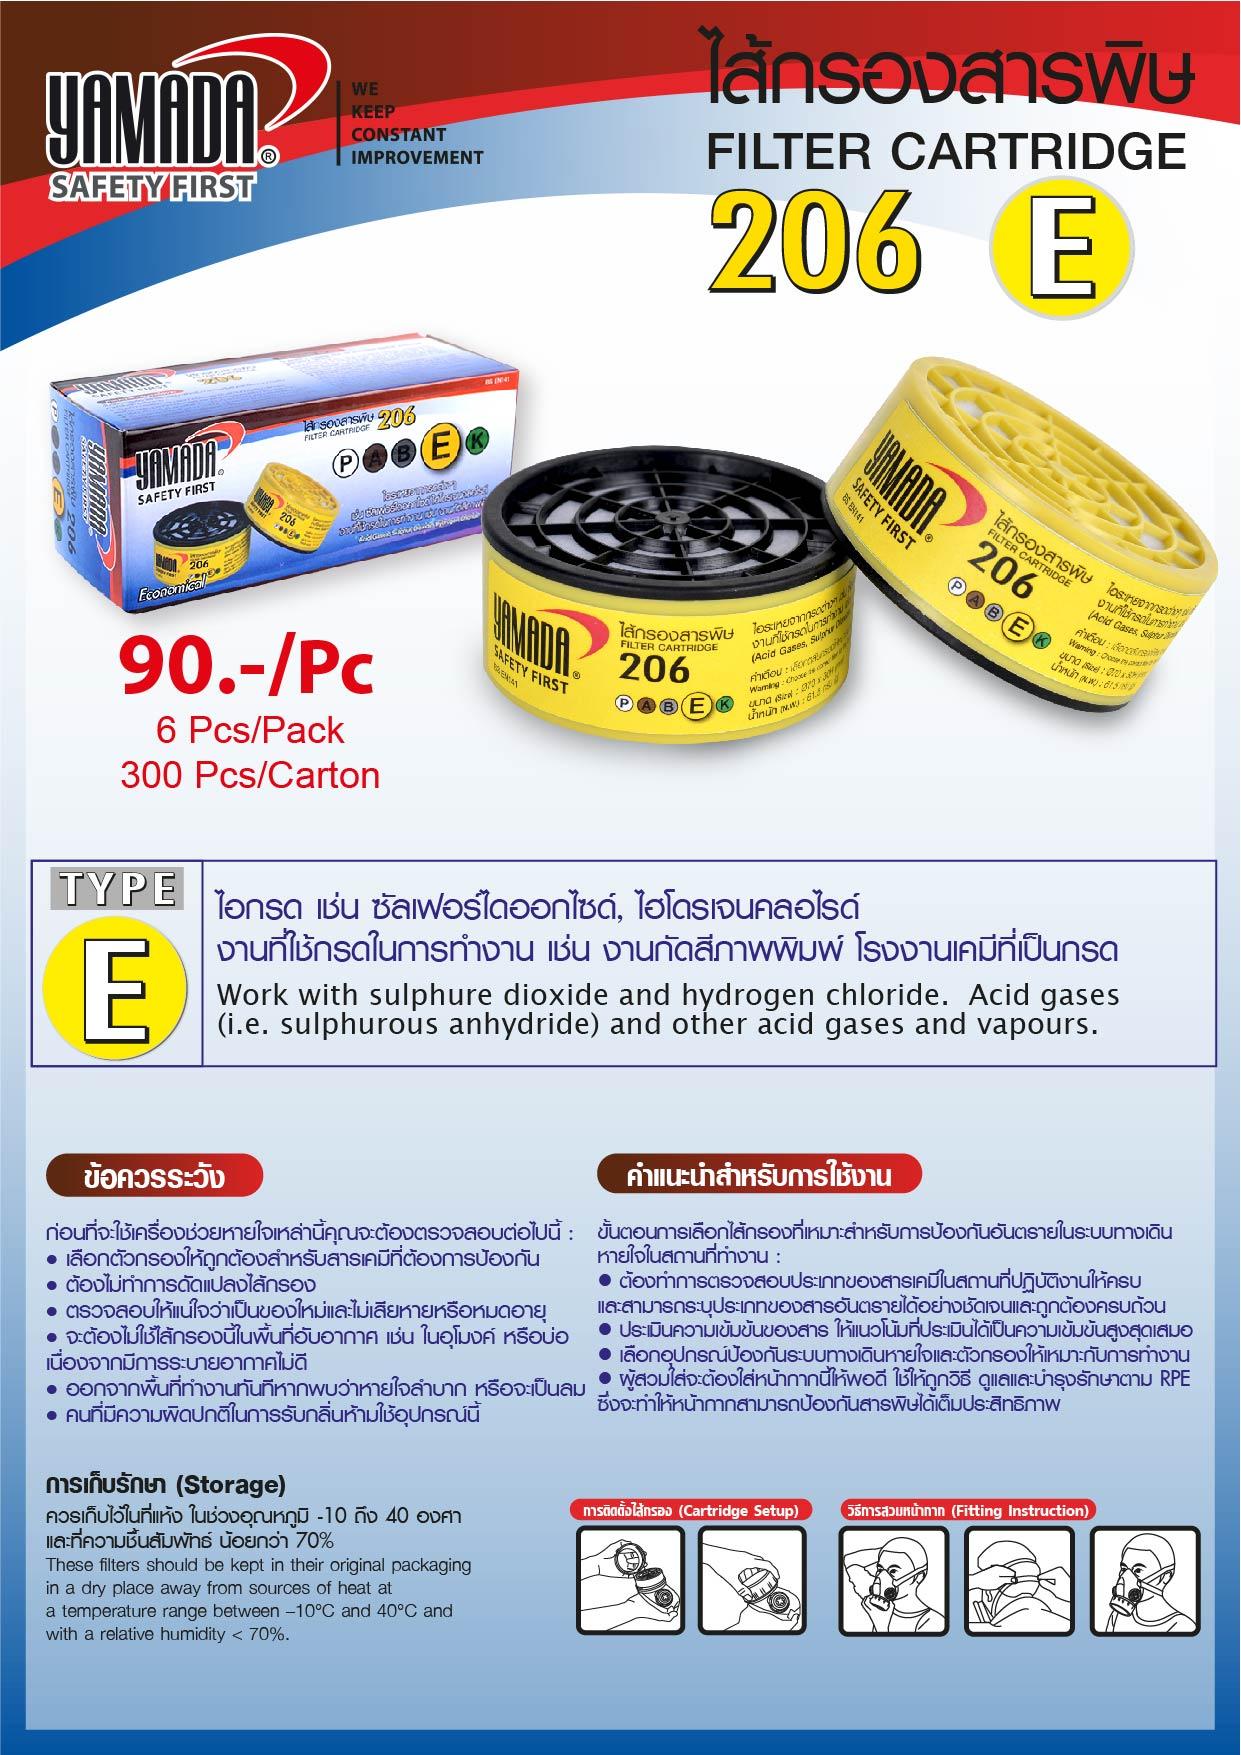 (72/271) ไส้กรองสารพิษ 206 TYPE E / Filter Cartridge